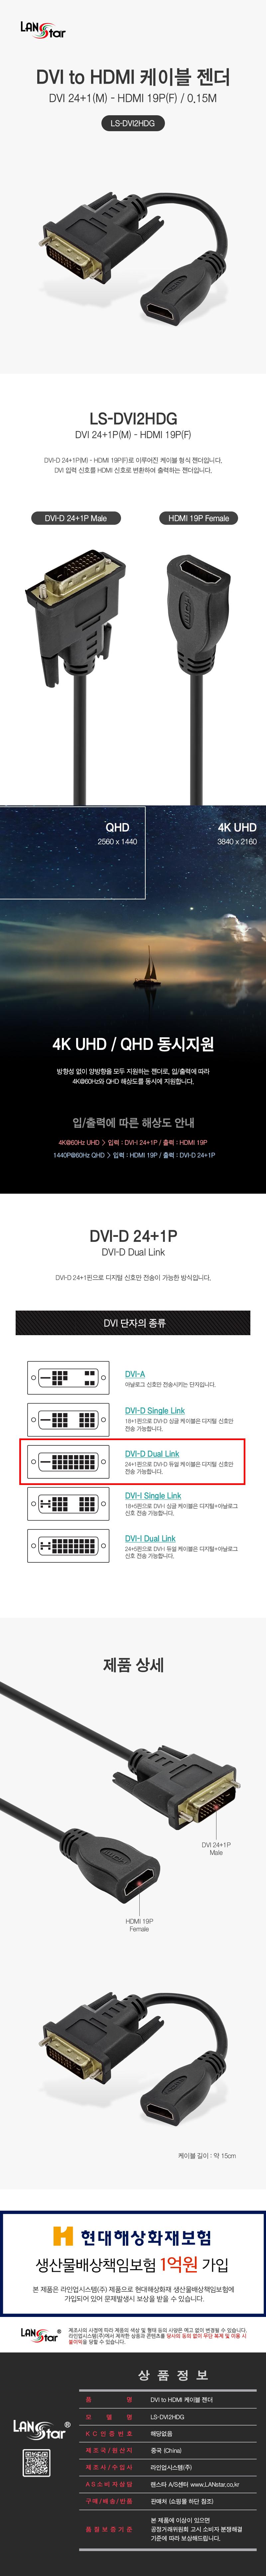 라인업시스템 LANSTAR LS-DVI2HDG DVI to HDMI 젠더 (0.15m)